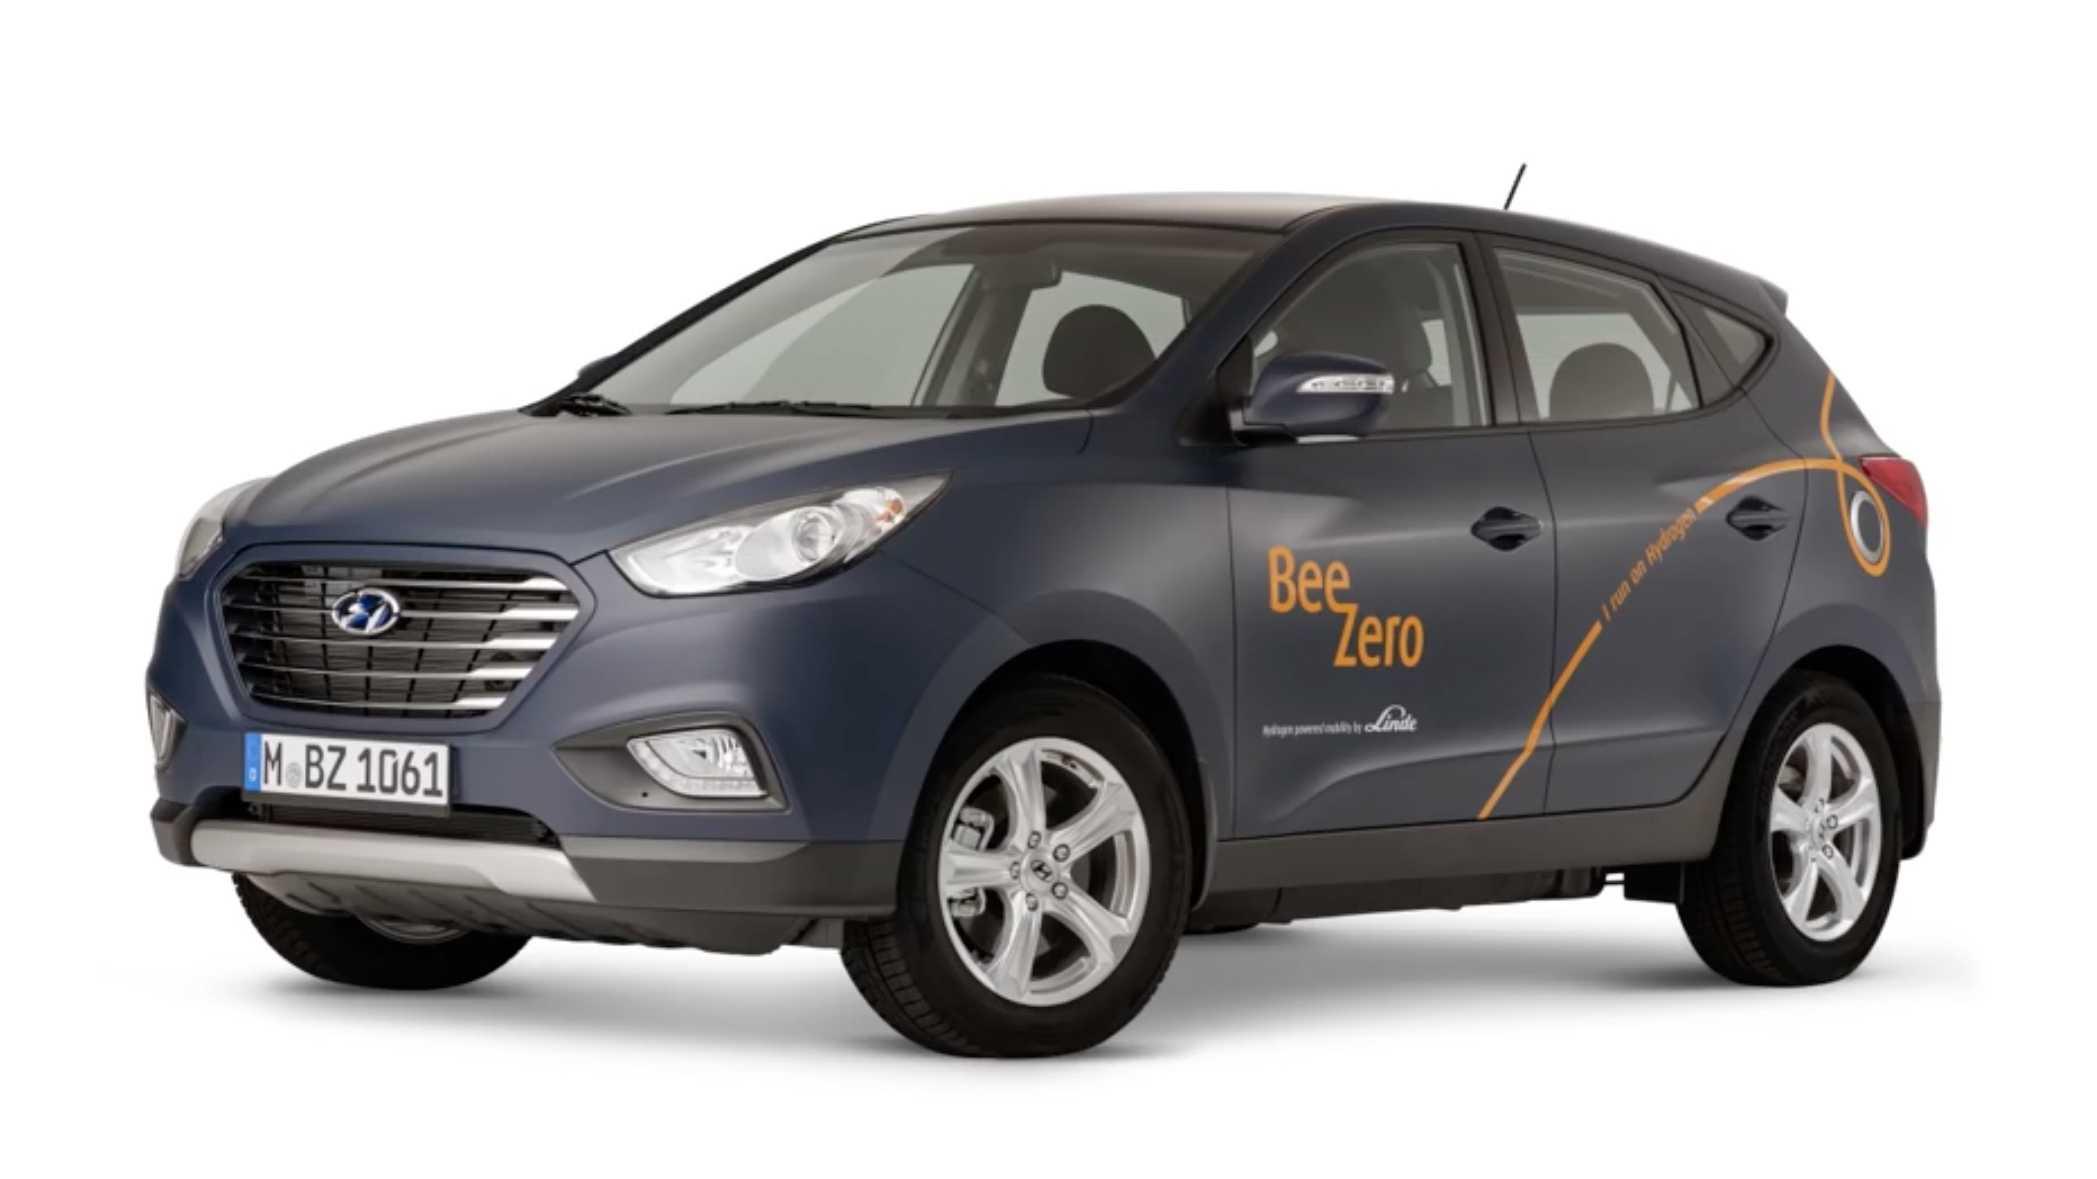 Carsharing mit Brennstoffzellenautos: BeeZero stellt Betrieb ein